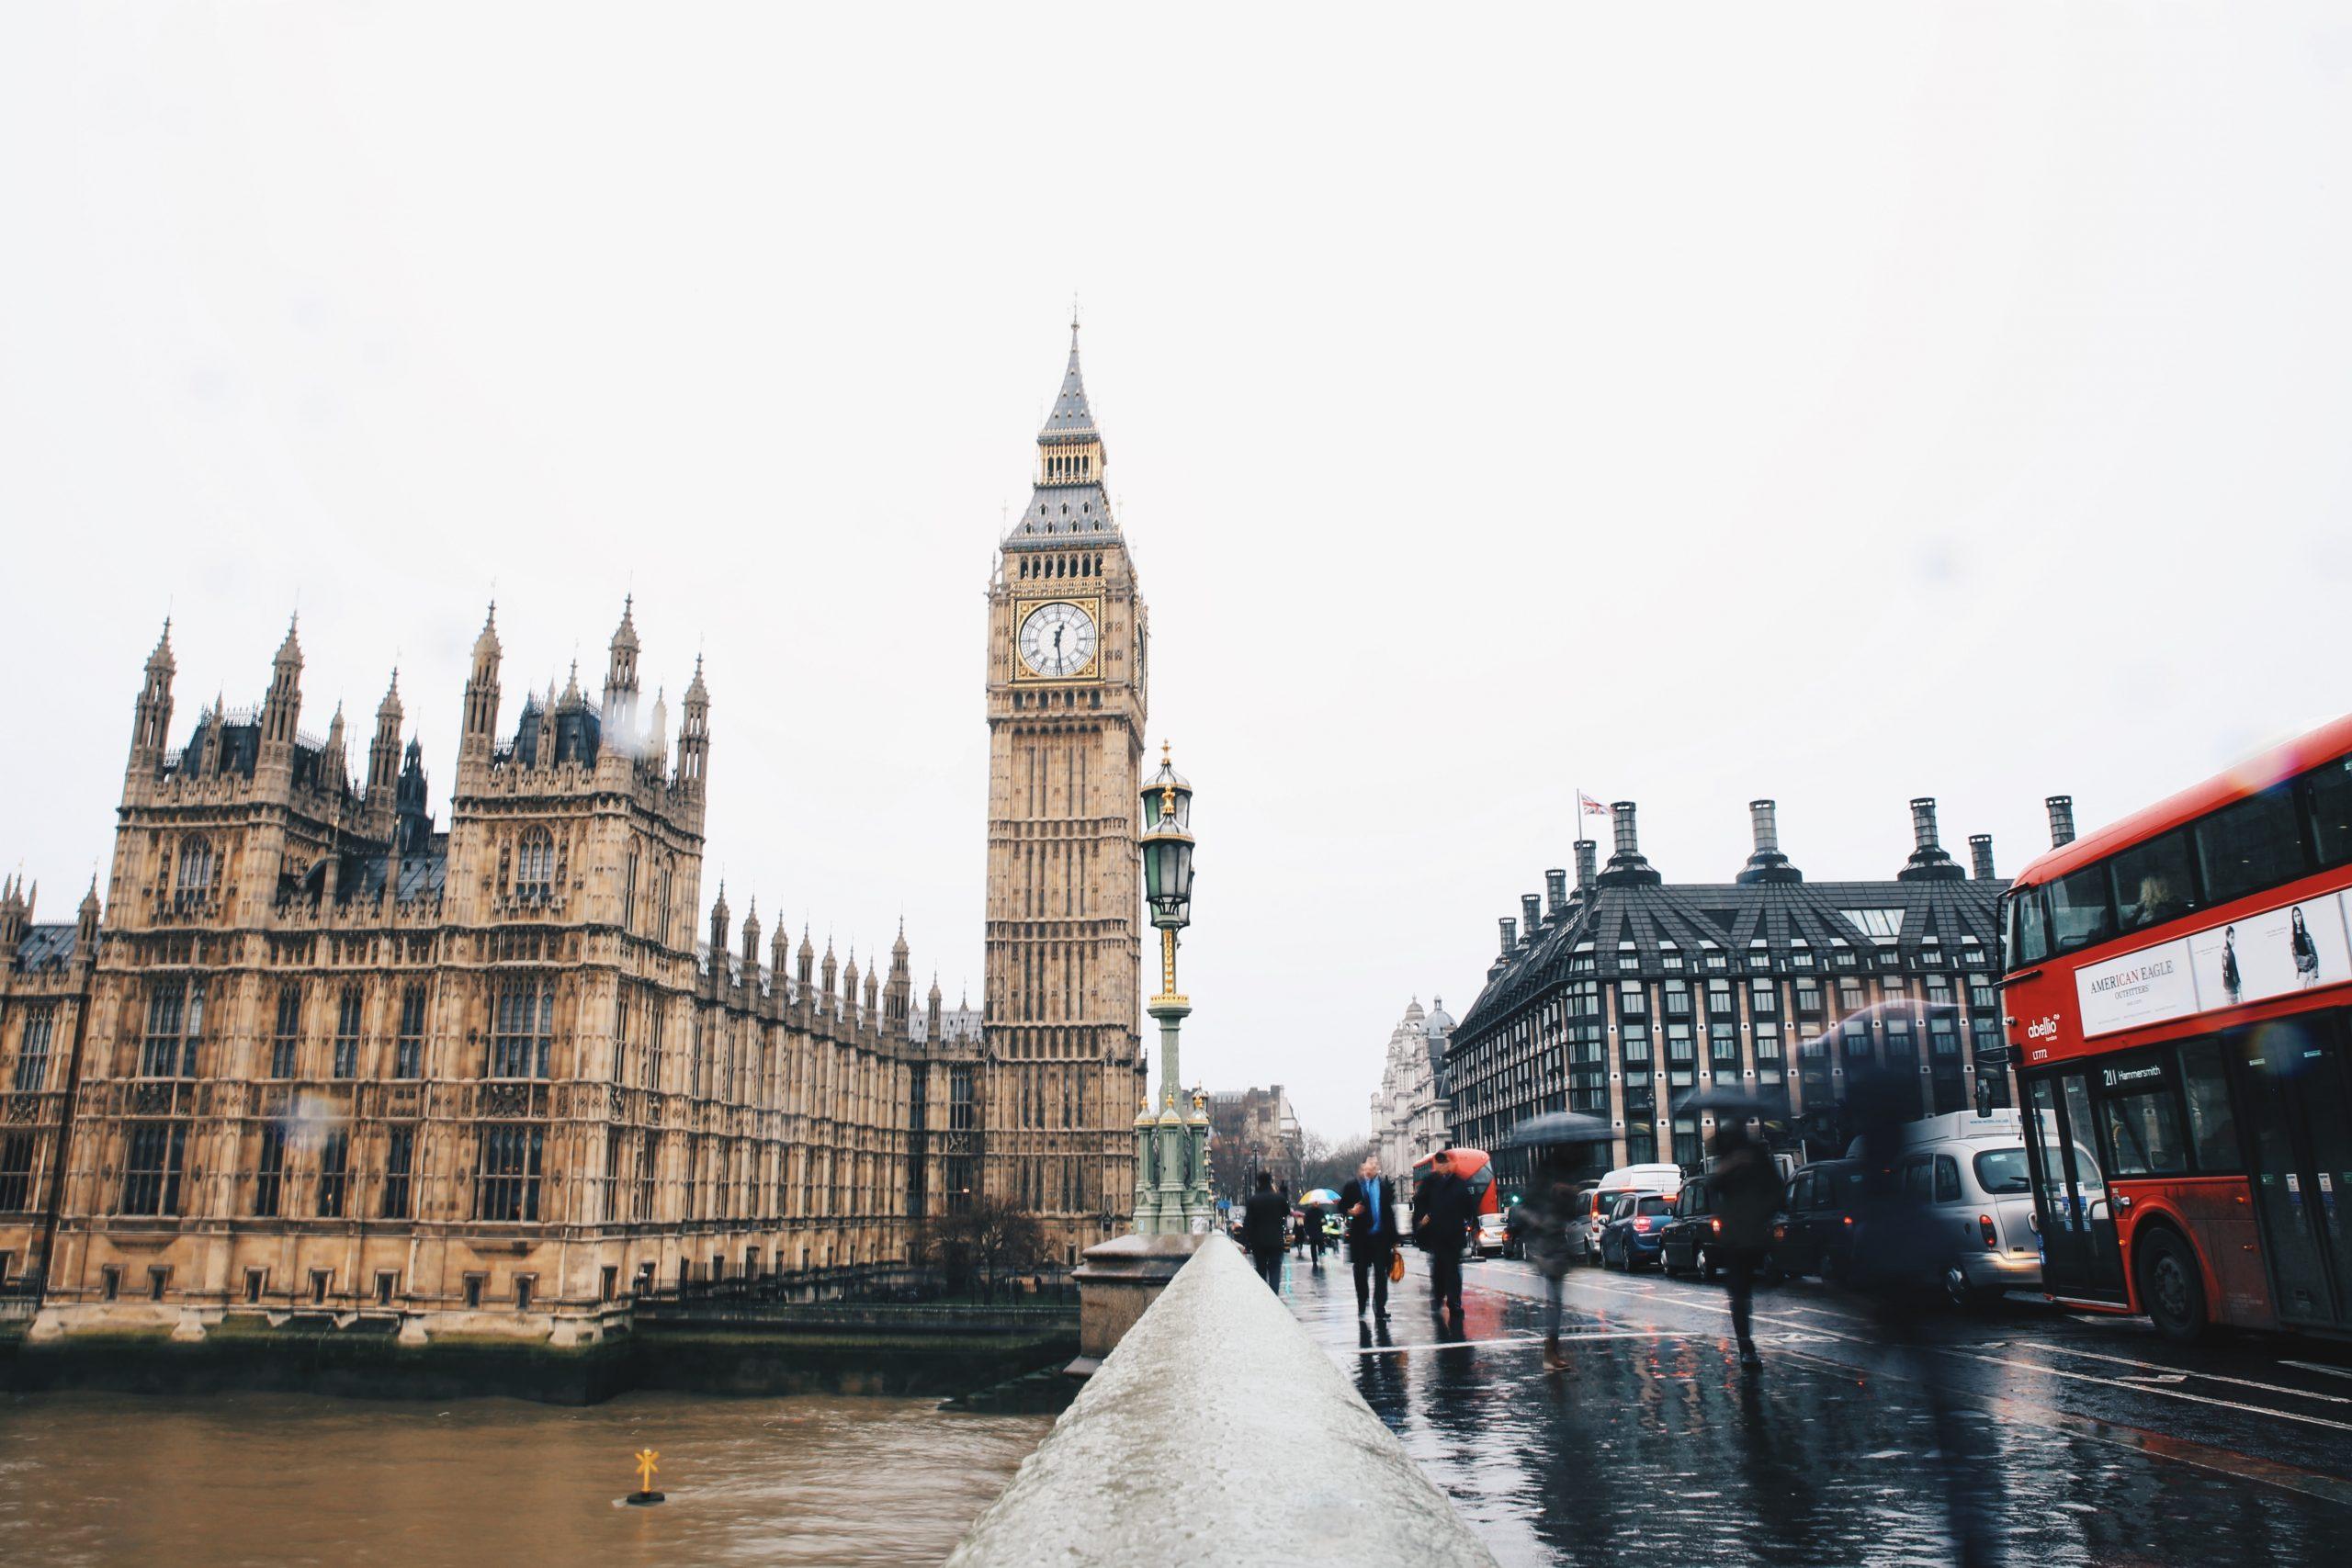 เที่ยวยุโรป อังกฤษ ลอนดอน